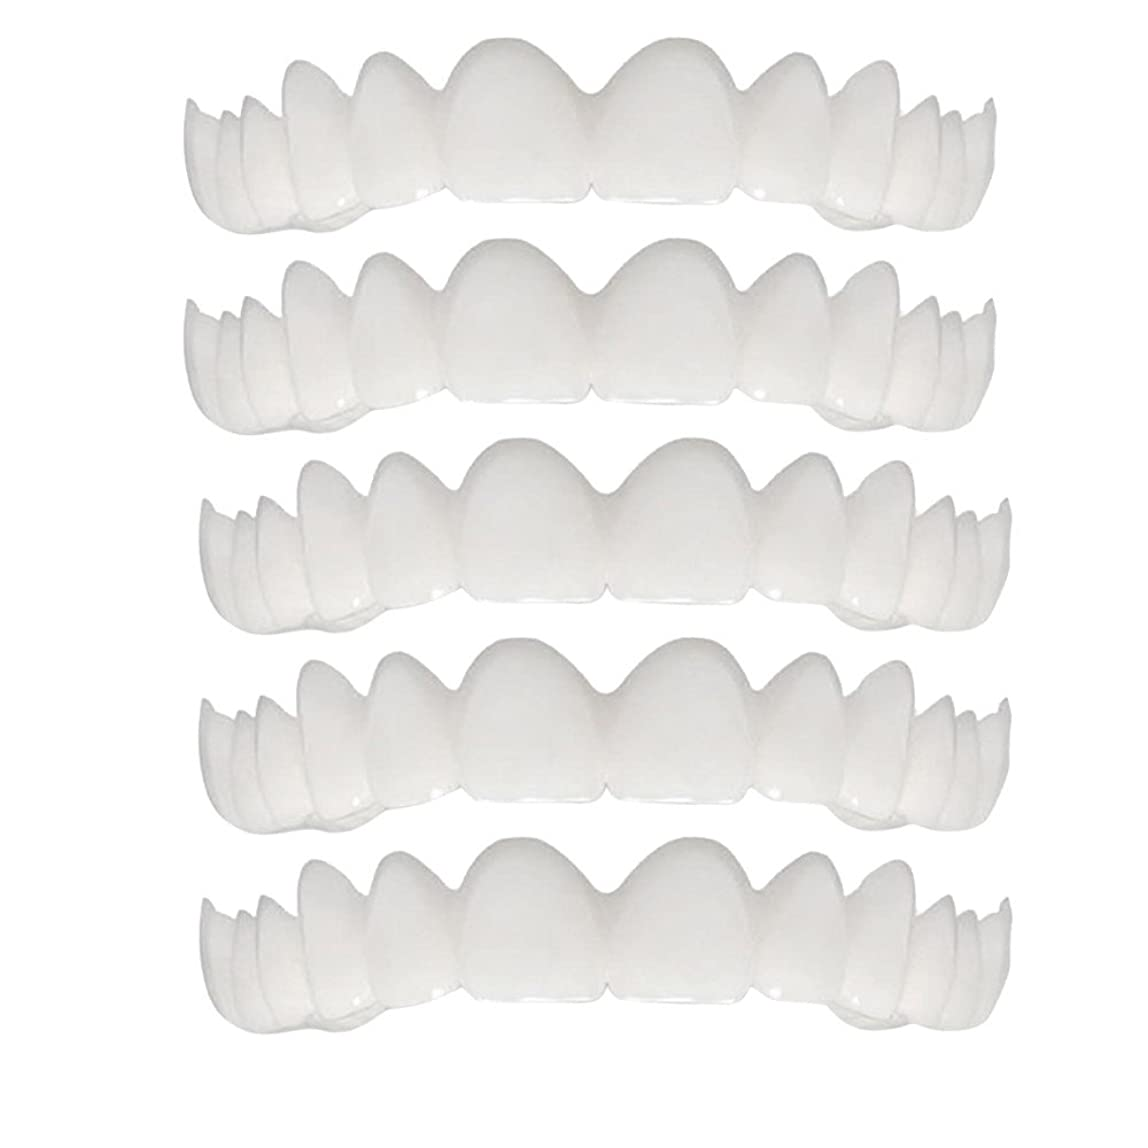 ミシン目フェデレーションスラムシリコーンシミュレーション歯ホワイトニングブレース(5個),A